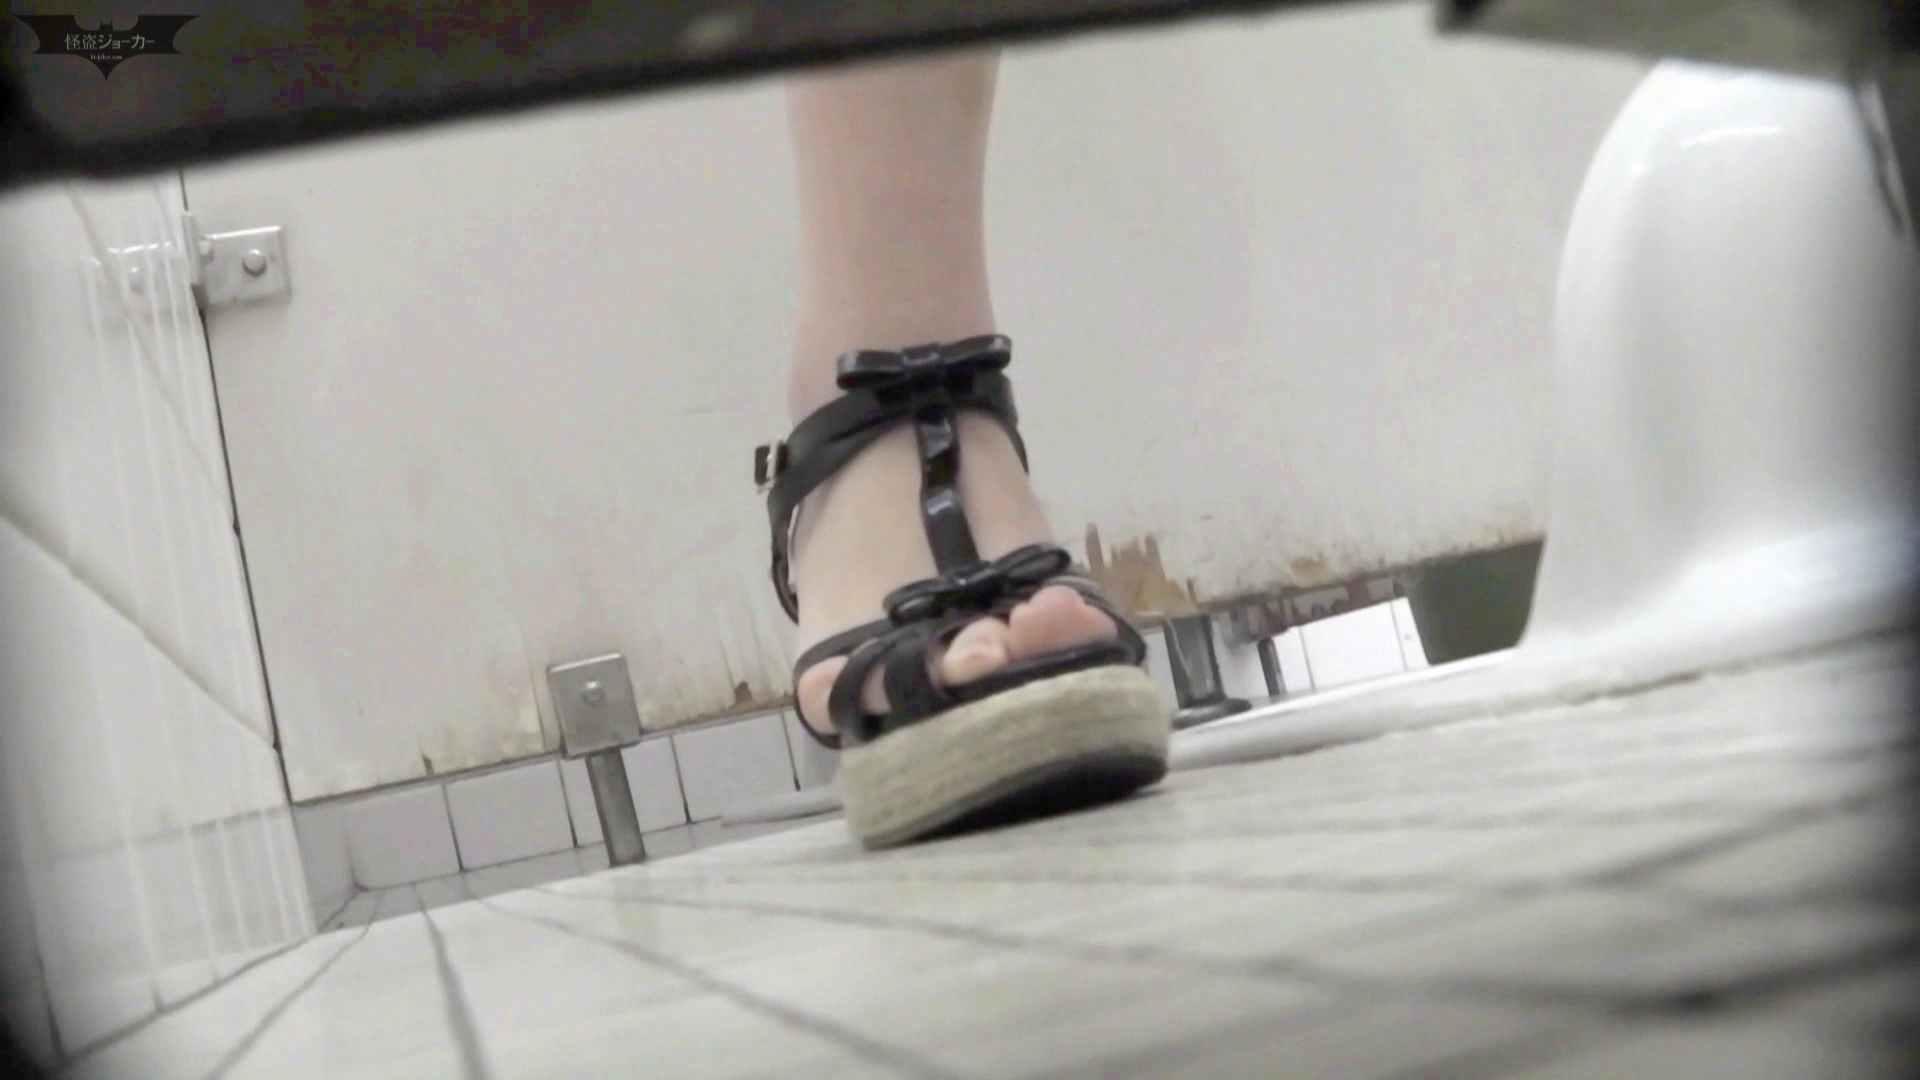 【潜入トイレ盗撮】洗面所特攻隊 vol.70 極上品の連続、歌いながら美女入室 潜入 覗きおまんこ画像 63pic 11